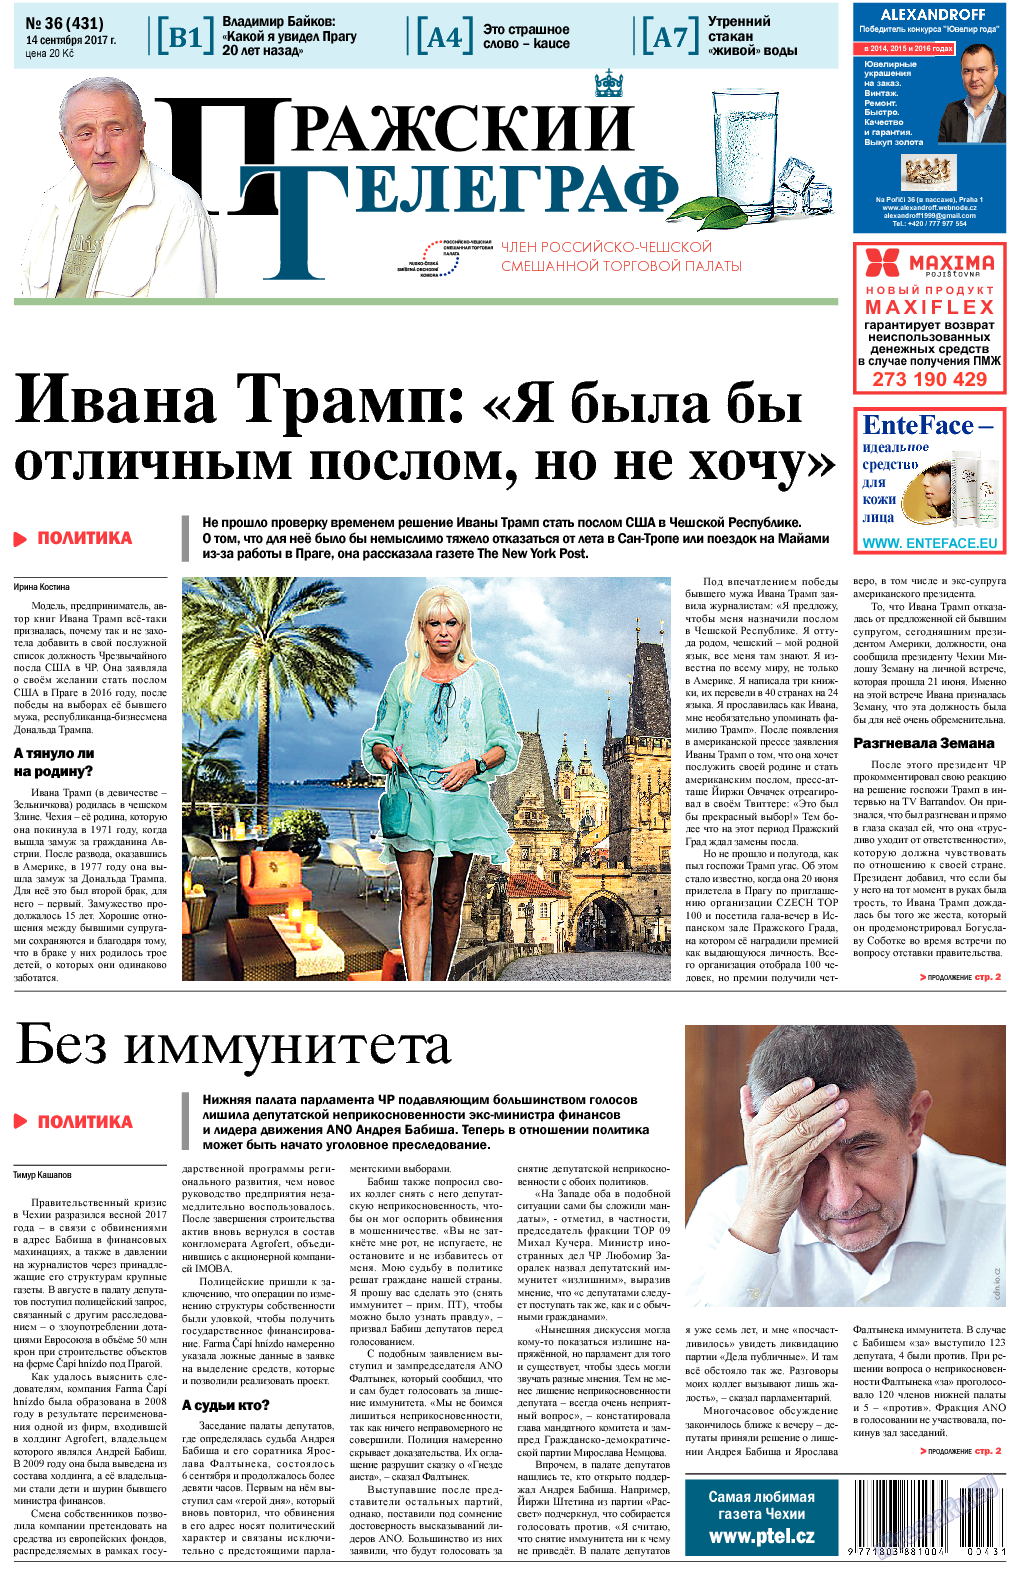 Пражский телеграф (газета). 2017 год, номер 36, стр. 1